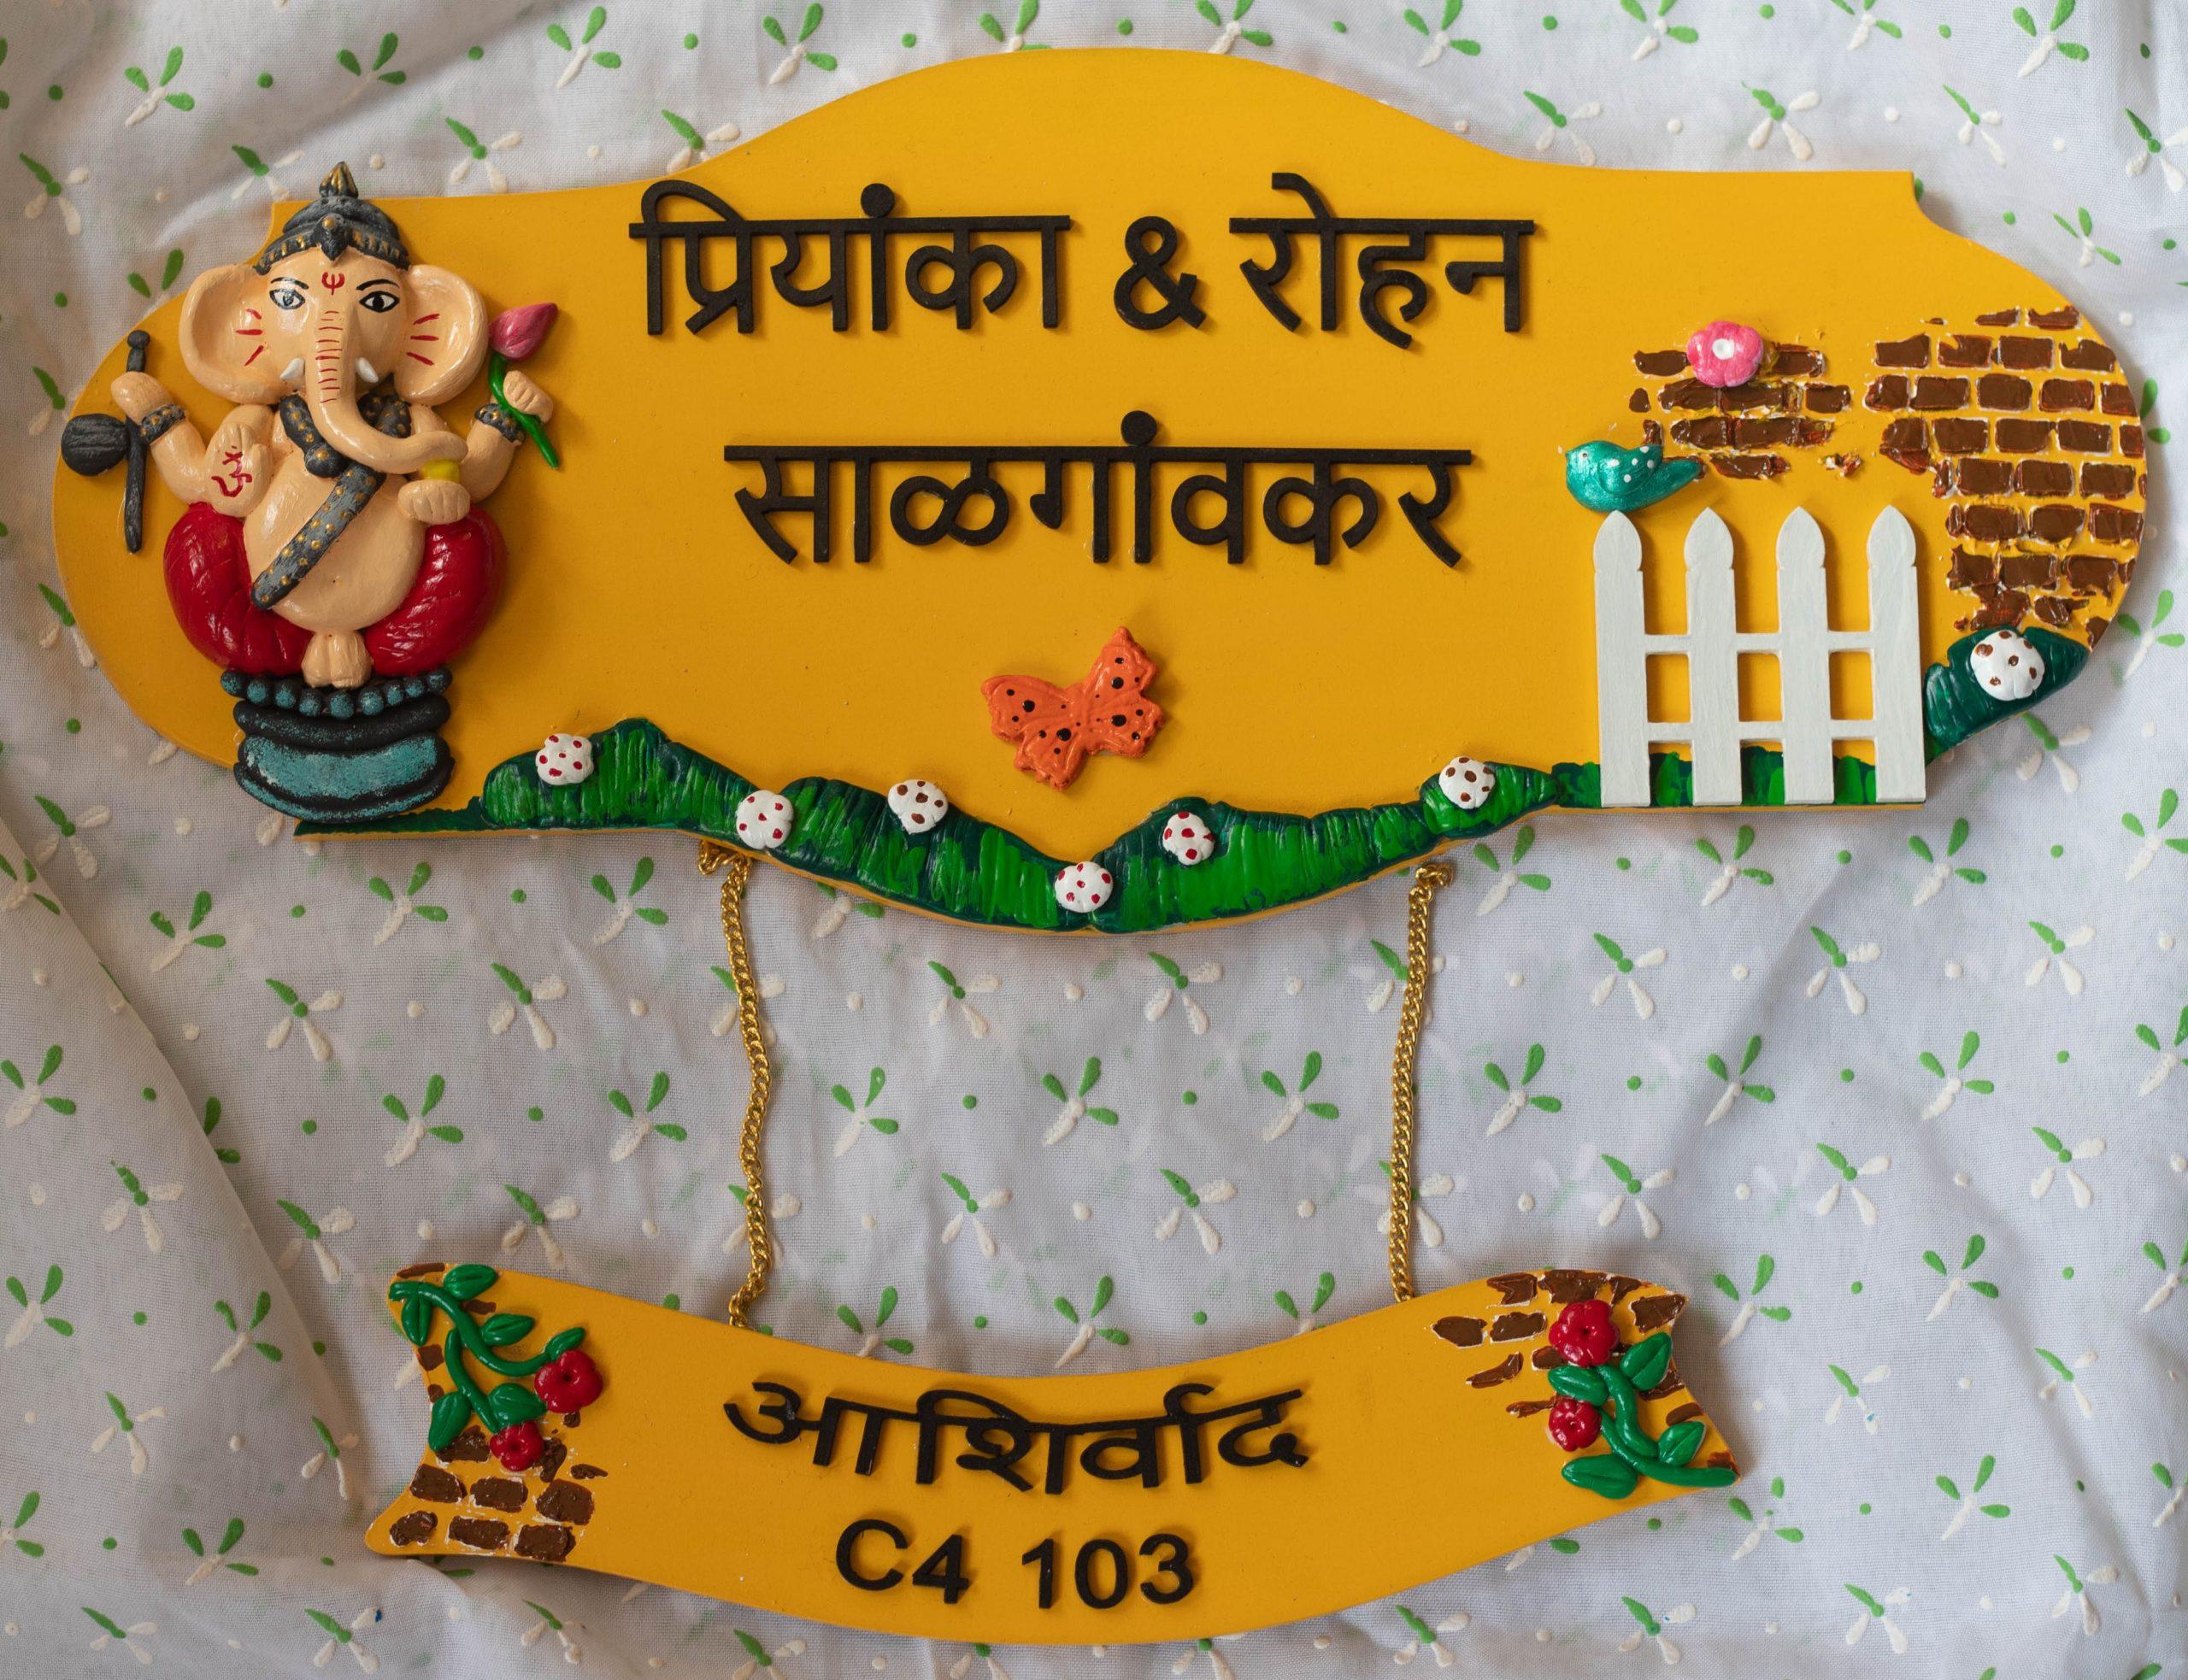 Buy Customized Regional language Nameplate Engraved nameplate regional language nameplate